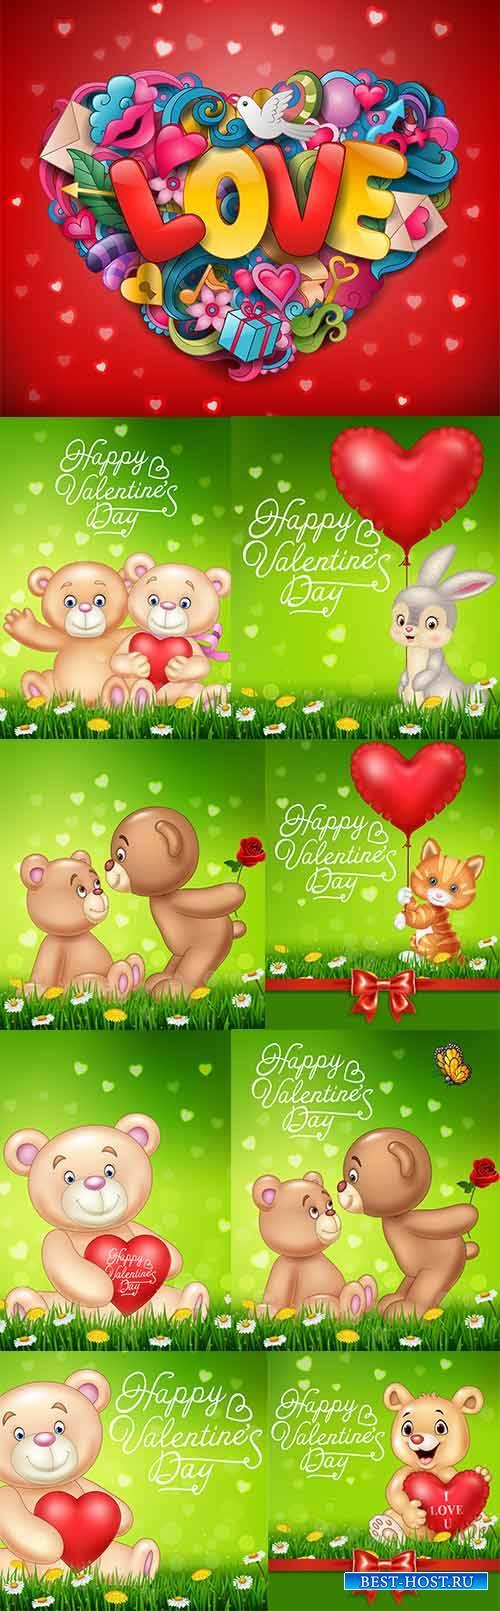 Романтические фоны с мишками - Векторный клипарт / Romantic backgrounds with bears - Vector Graphics